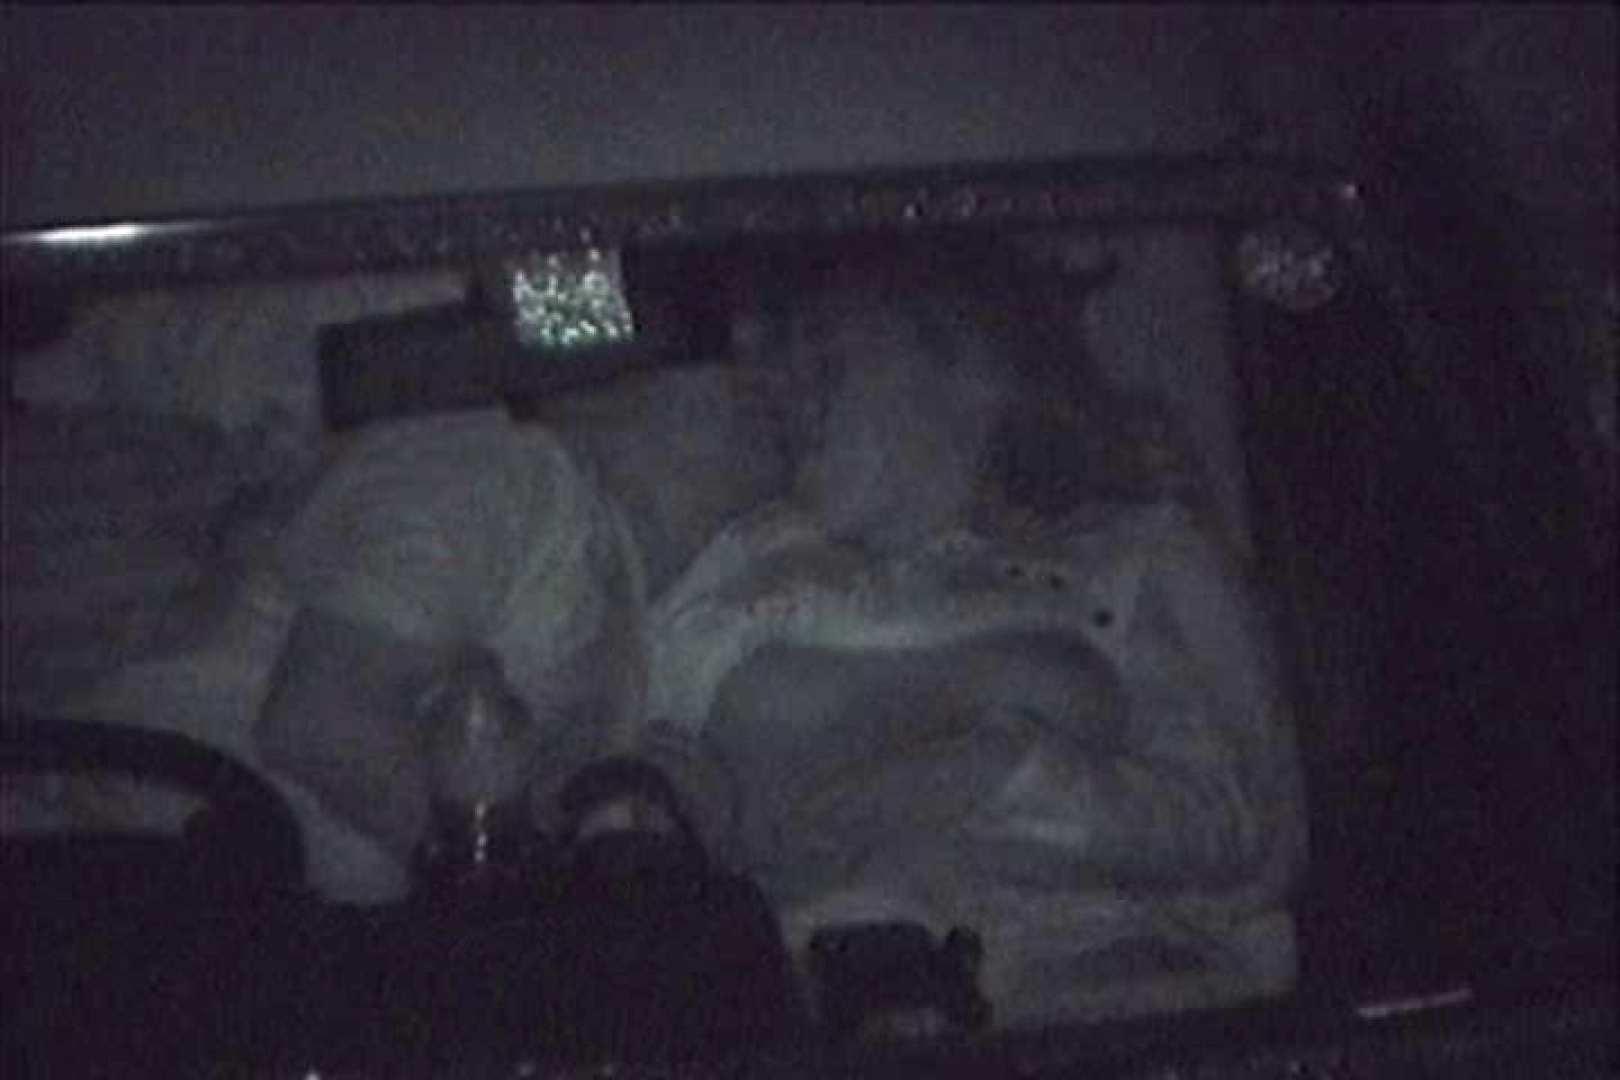 車の中はラブホテル 無修正版  Vol.21 赤外線  59PIX 36